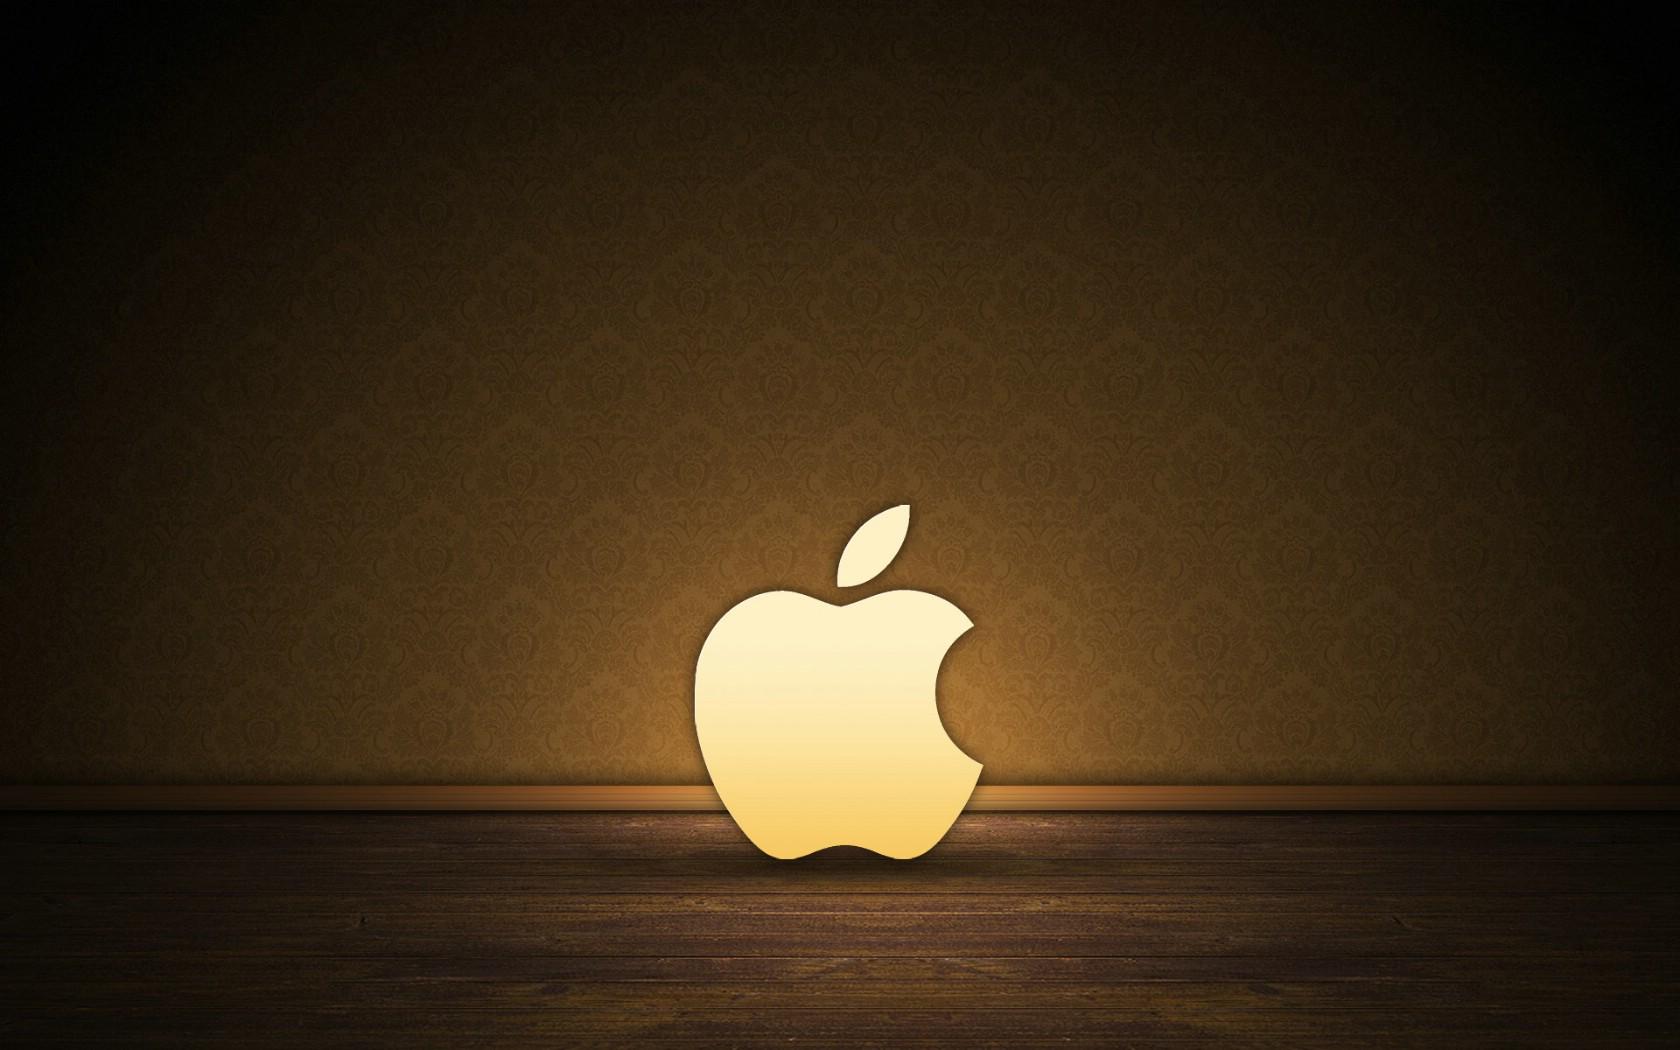 苹果7手机图片大全真机照曝光_第3页 _壁纸素材_百优a精美图库 苹果7